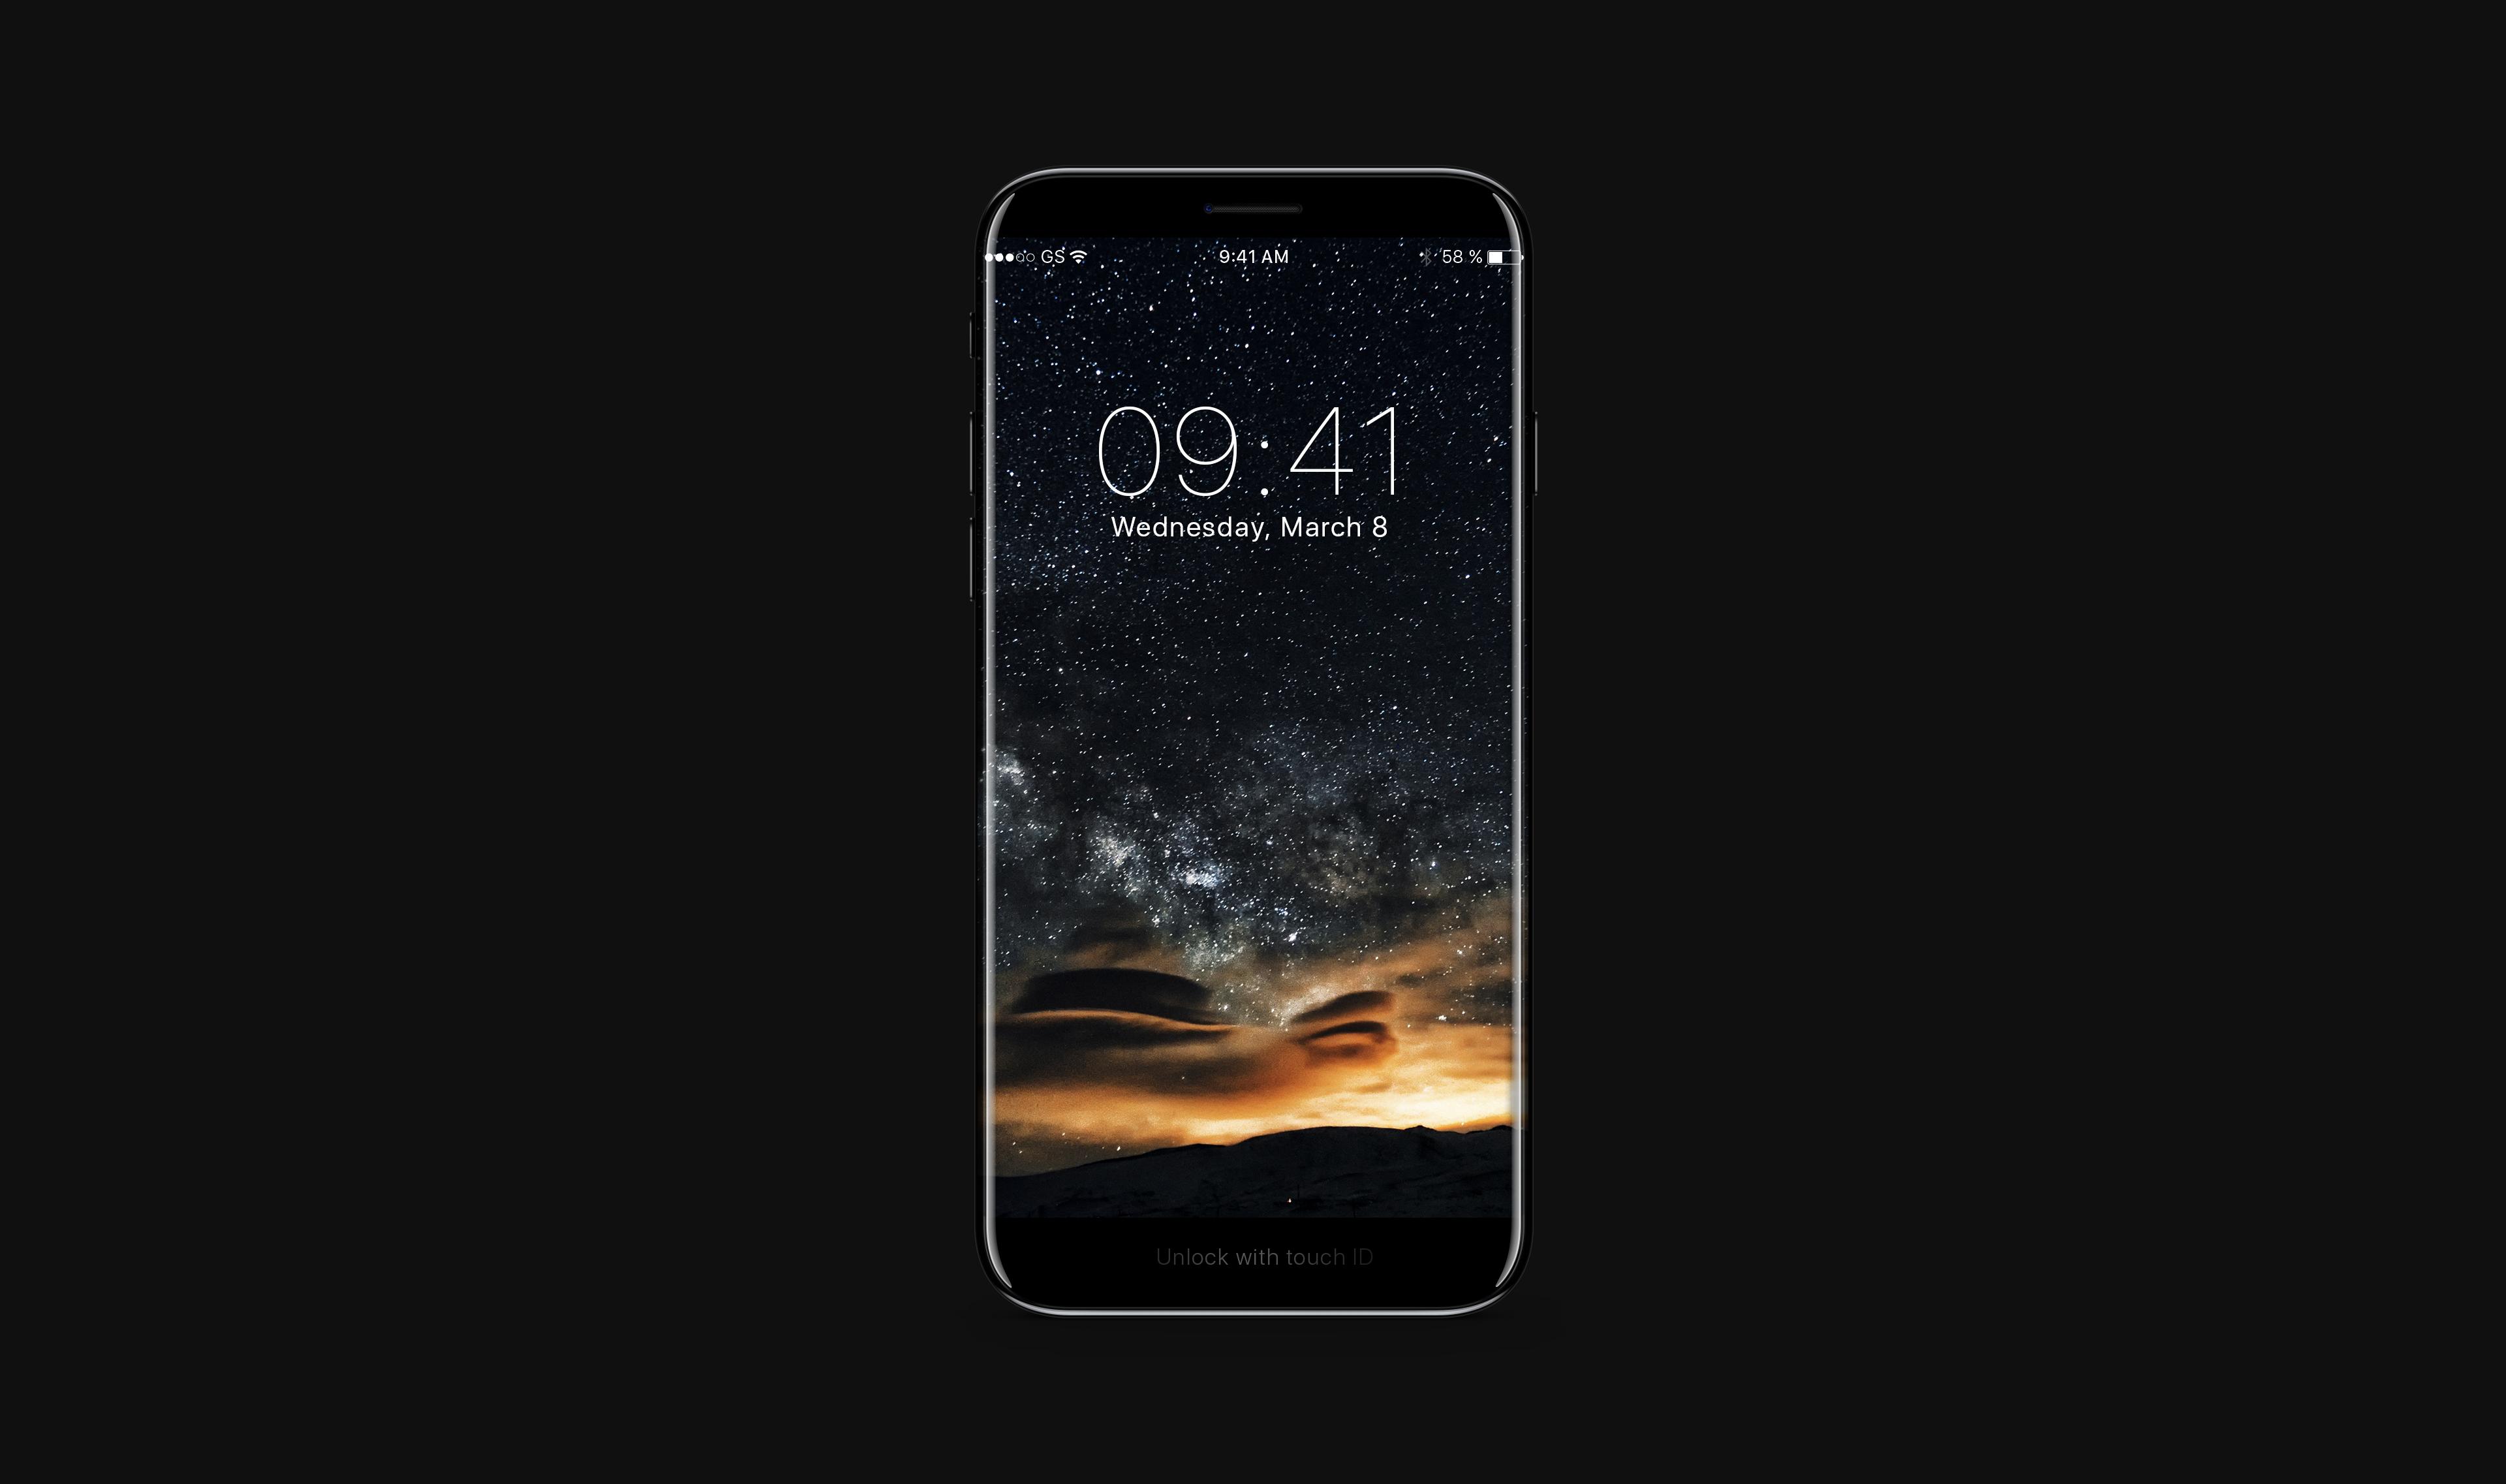 [루머] iPhone 8 컨셉 디자인 – 베젤리스 디자인